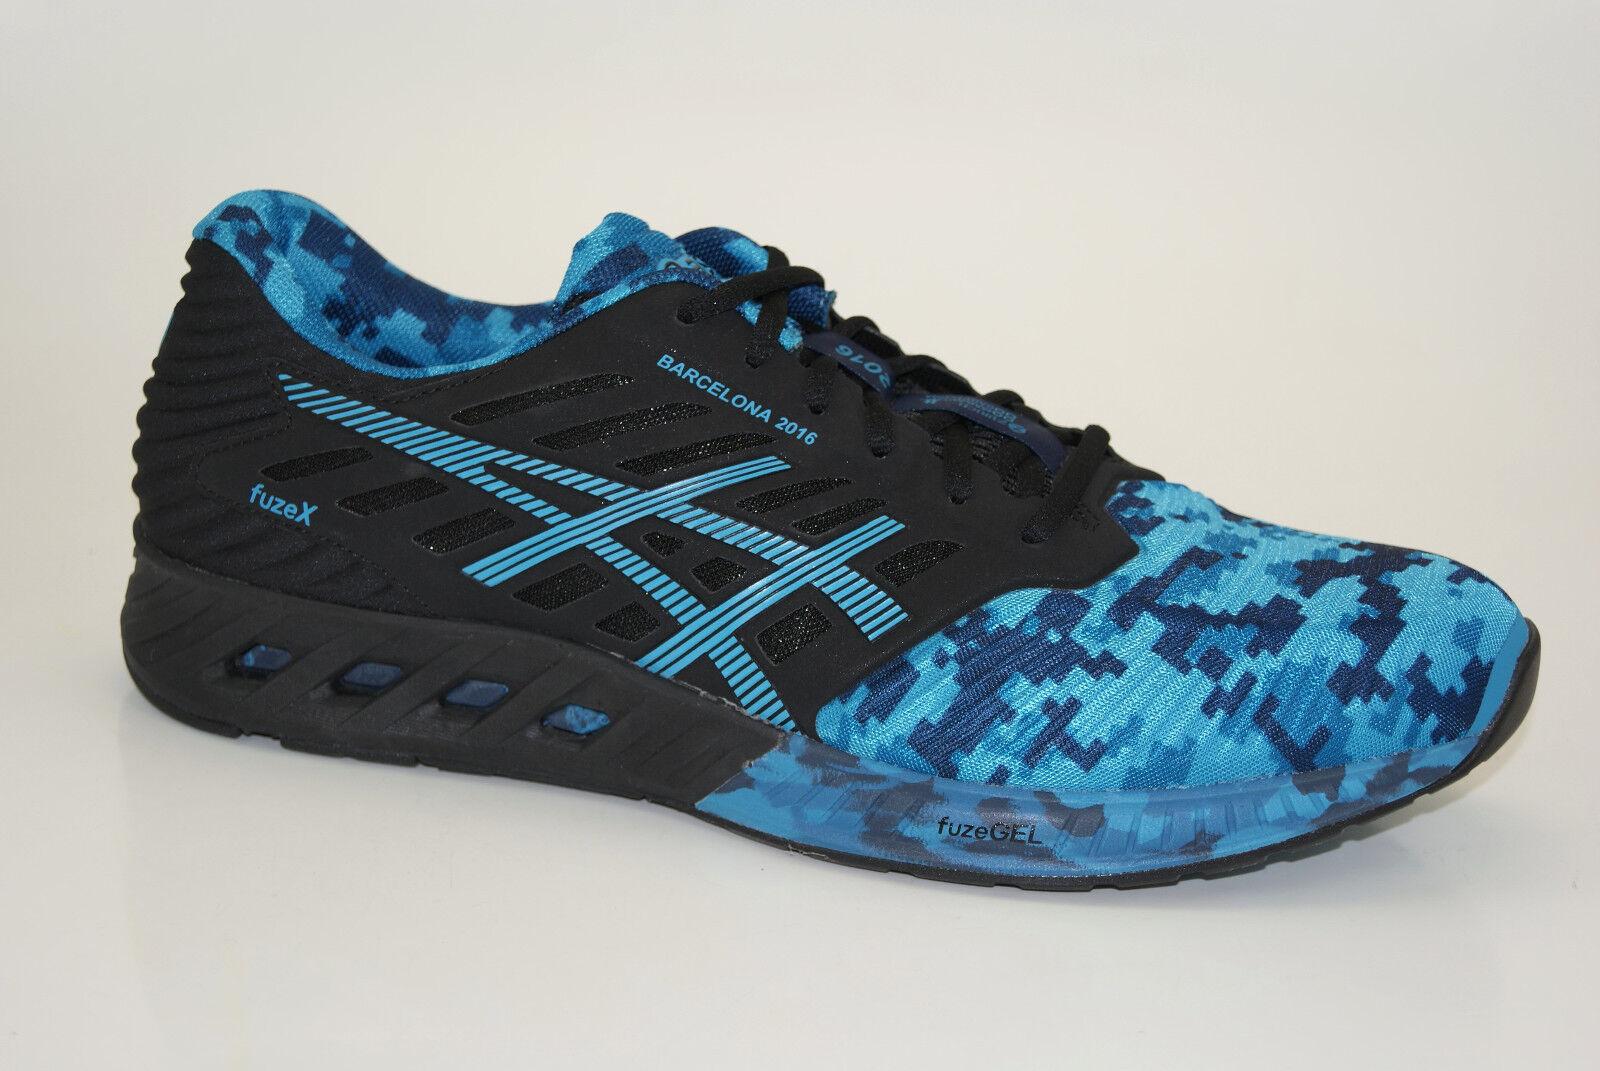 ASICS fuzex Barcellona Maroco 2016 Sneakers Scarpe da Corsa Jogging Uomo t61tq-9043 Scarpe classiche da uomo